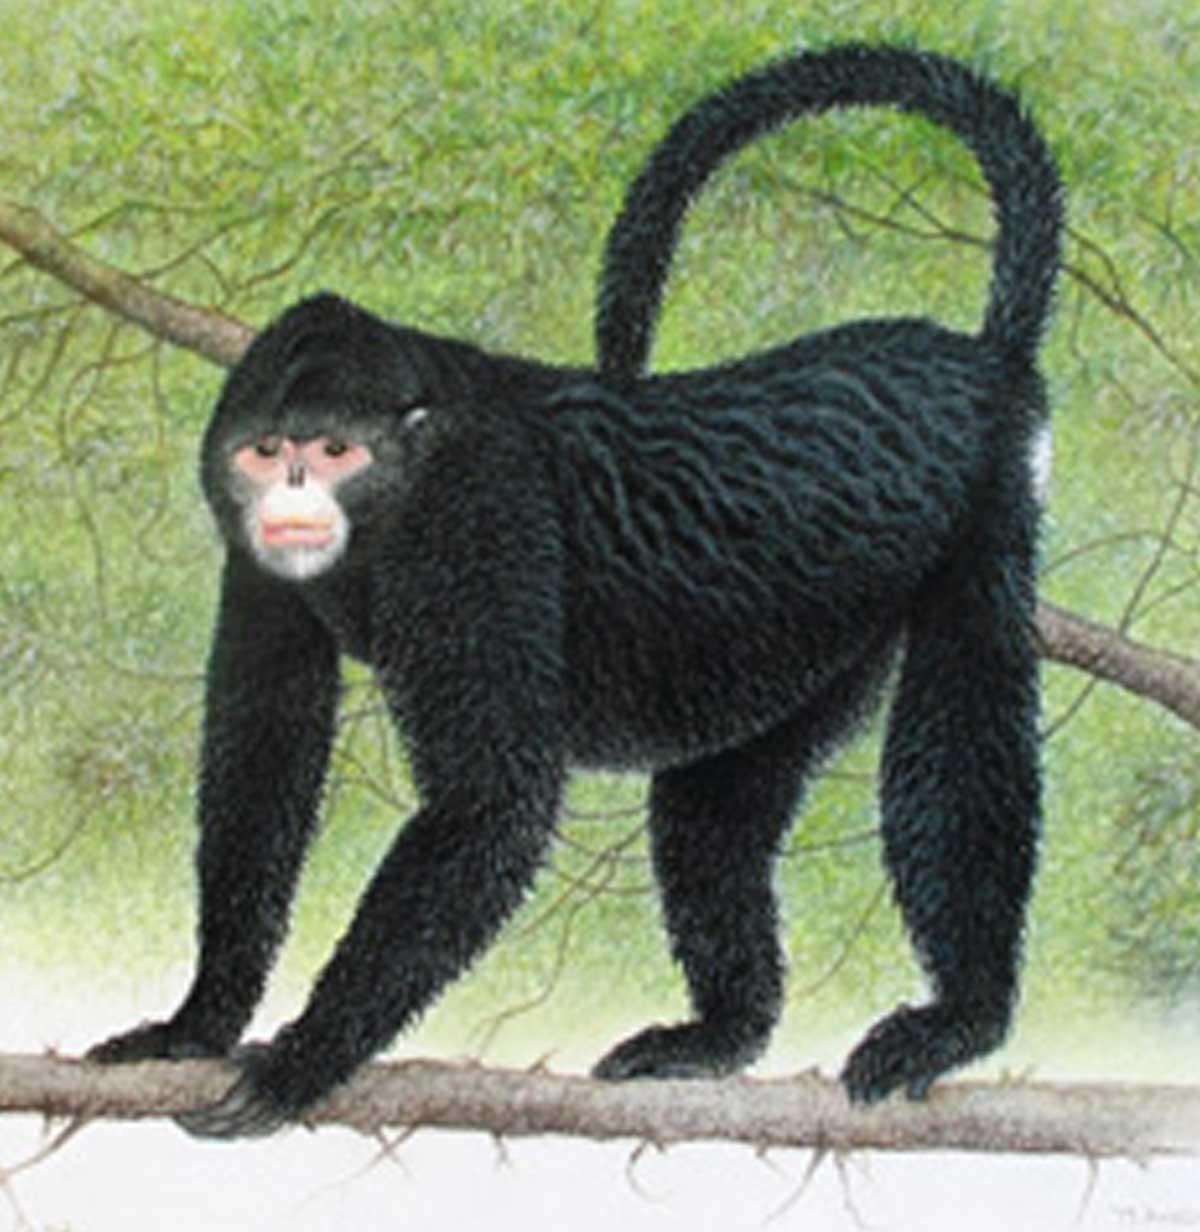 Myanmar Snub-Nosed Monkey